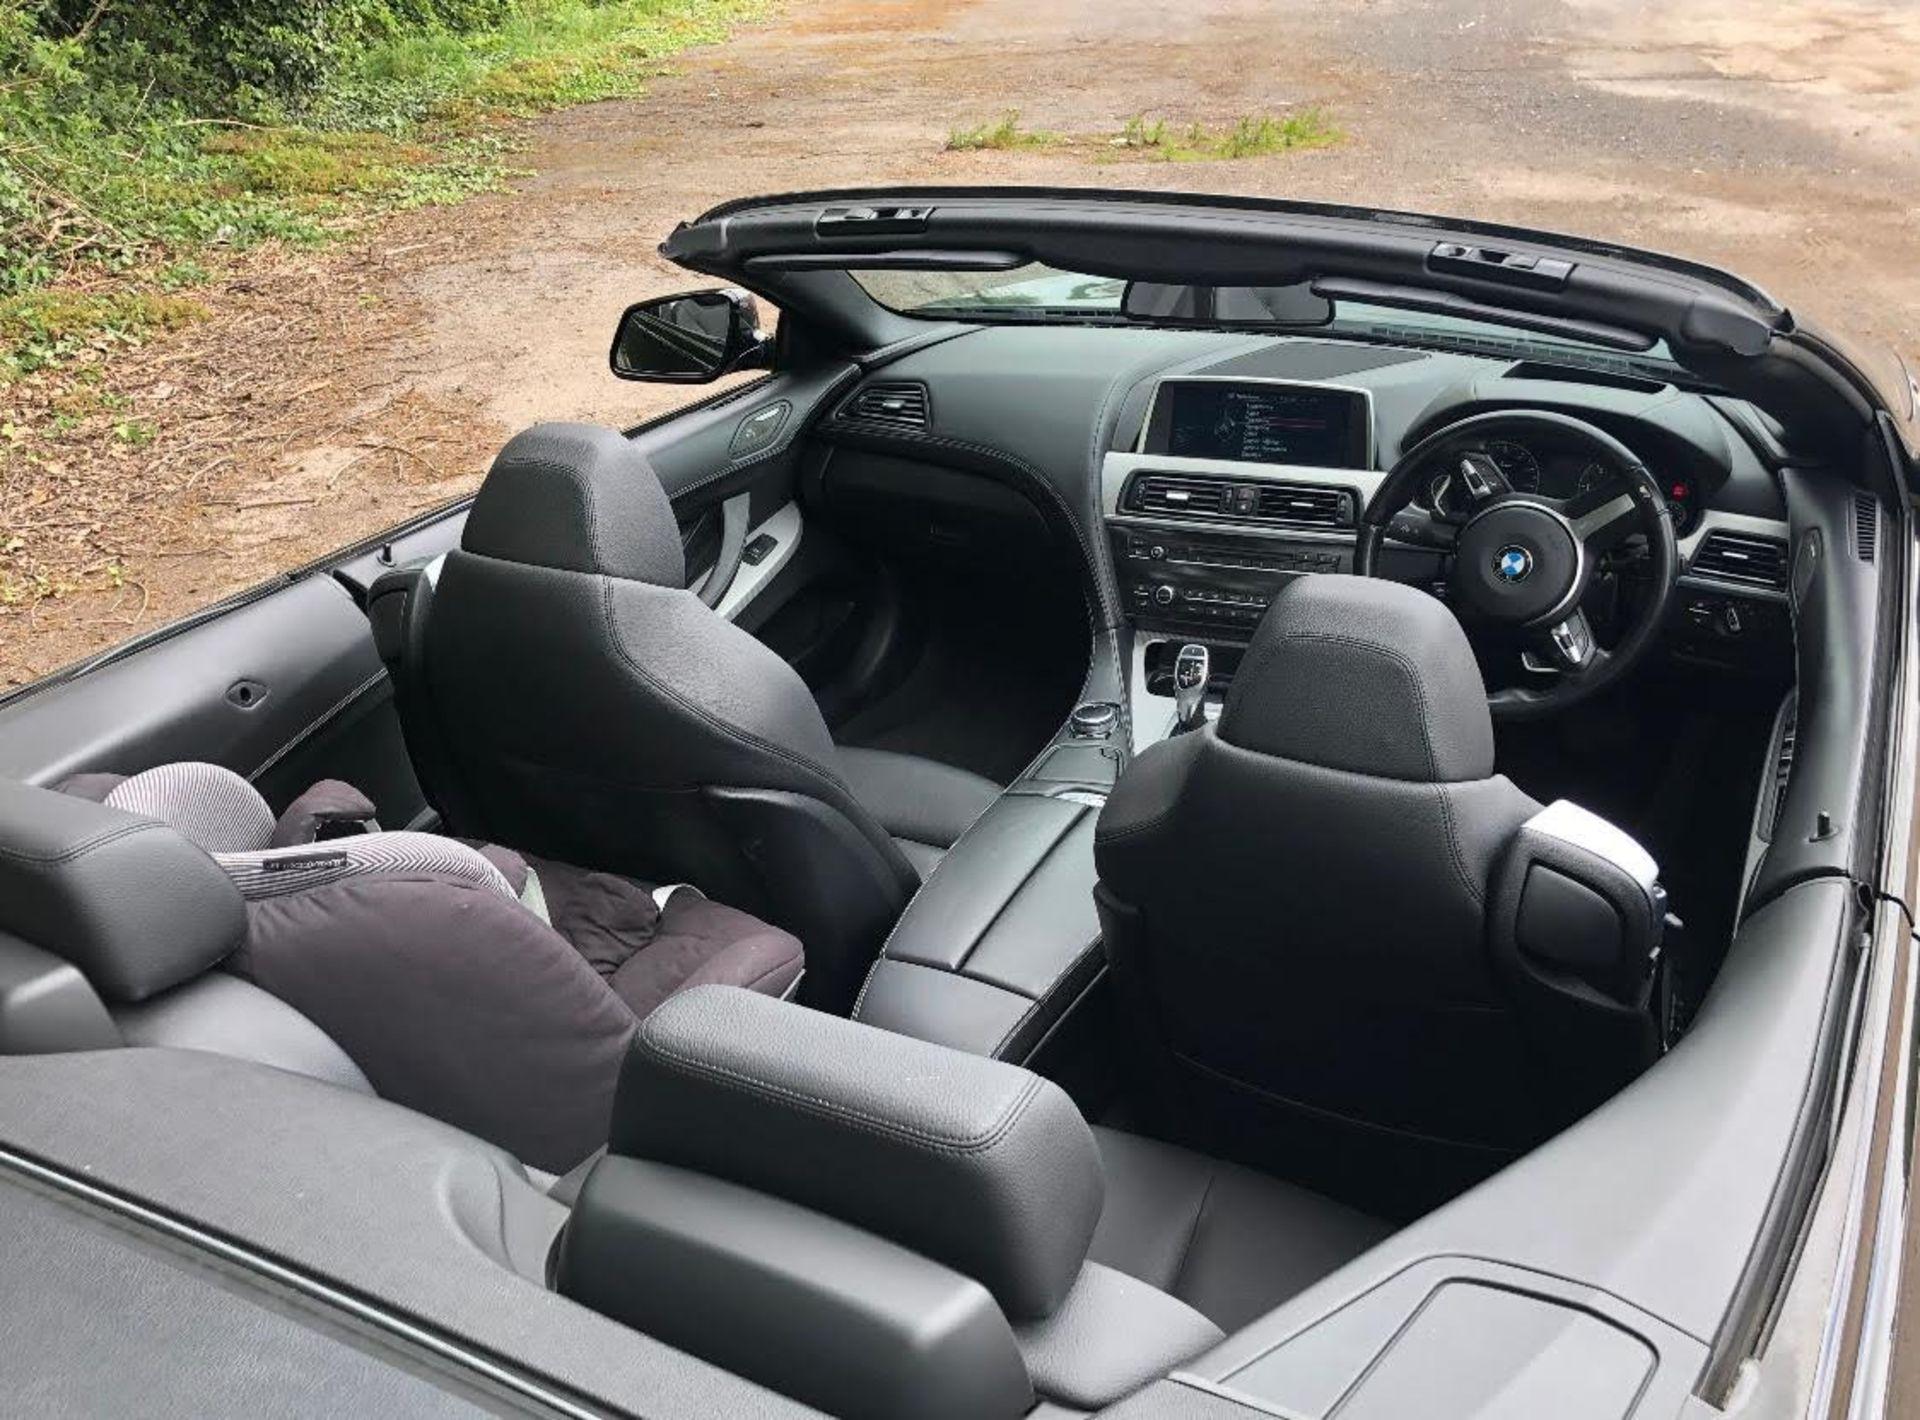 2014/14 REG BMW 640D M SPORT AUTOMATIC 3.0 DIESEL BLACK CONVERTIBLE *NO VAT* - Image 10 of 17